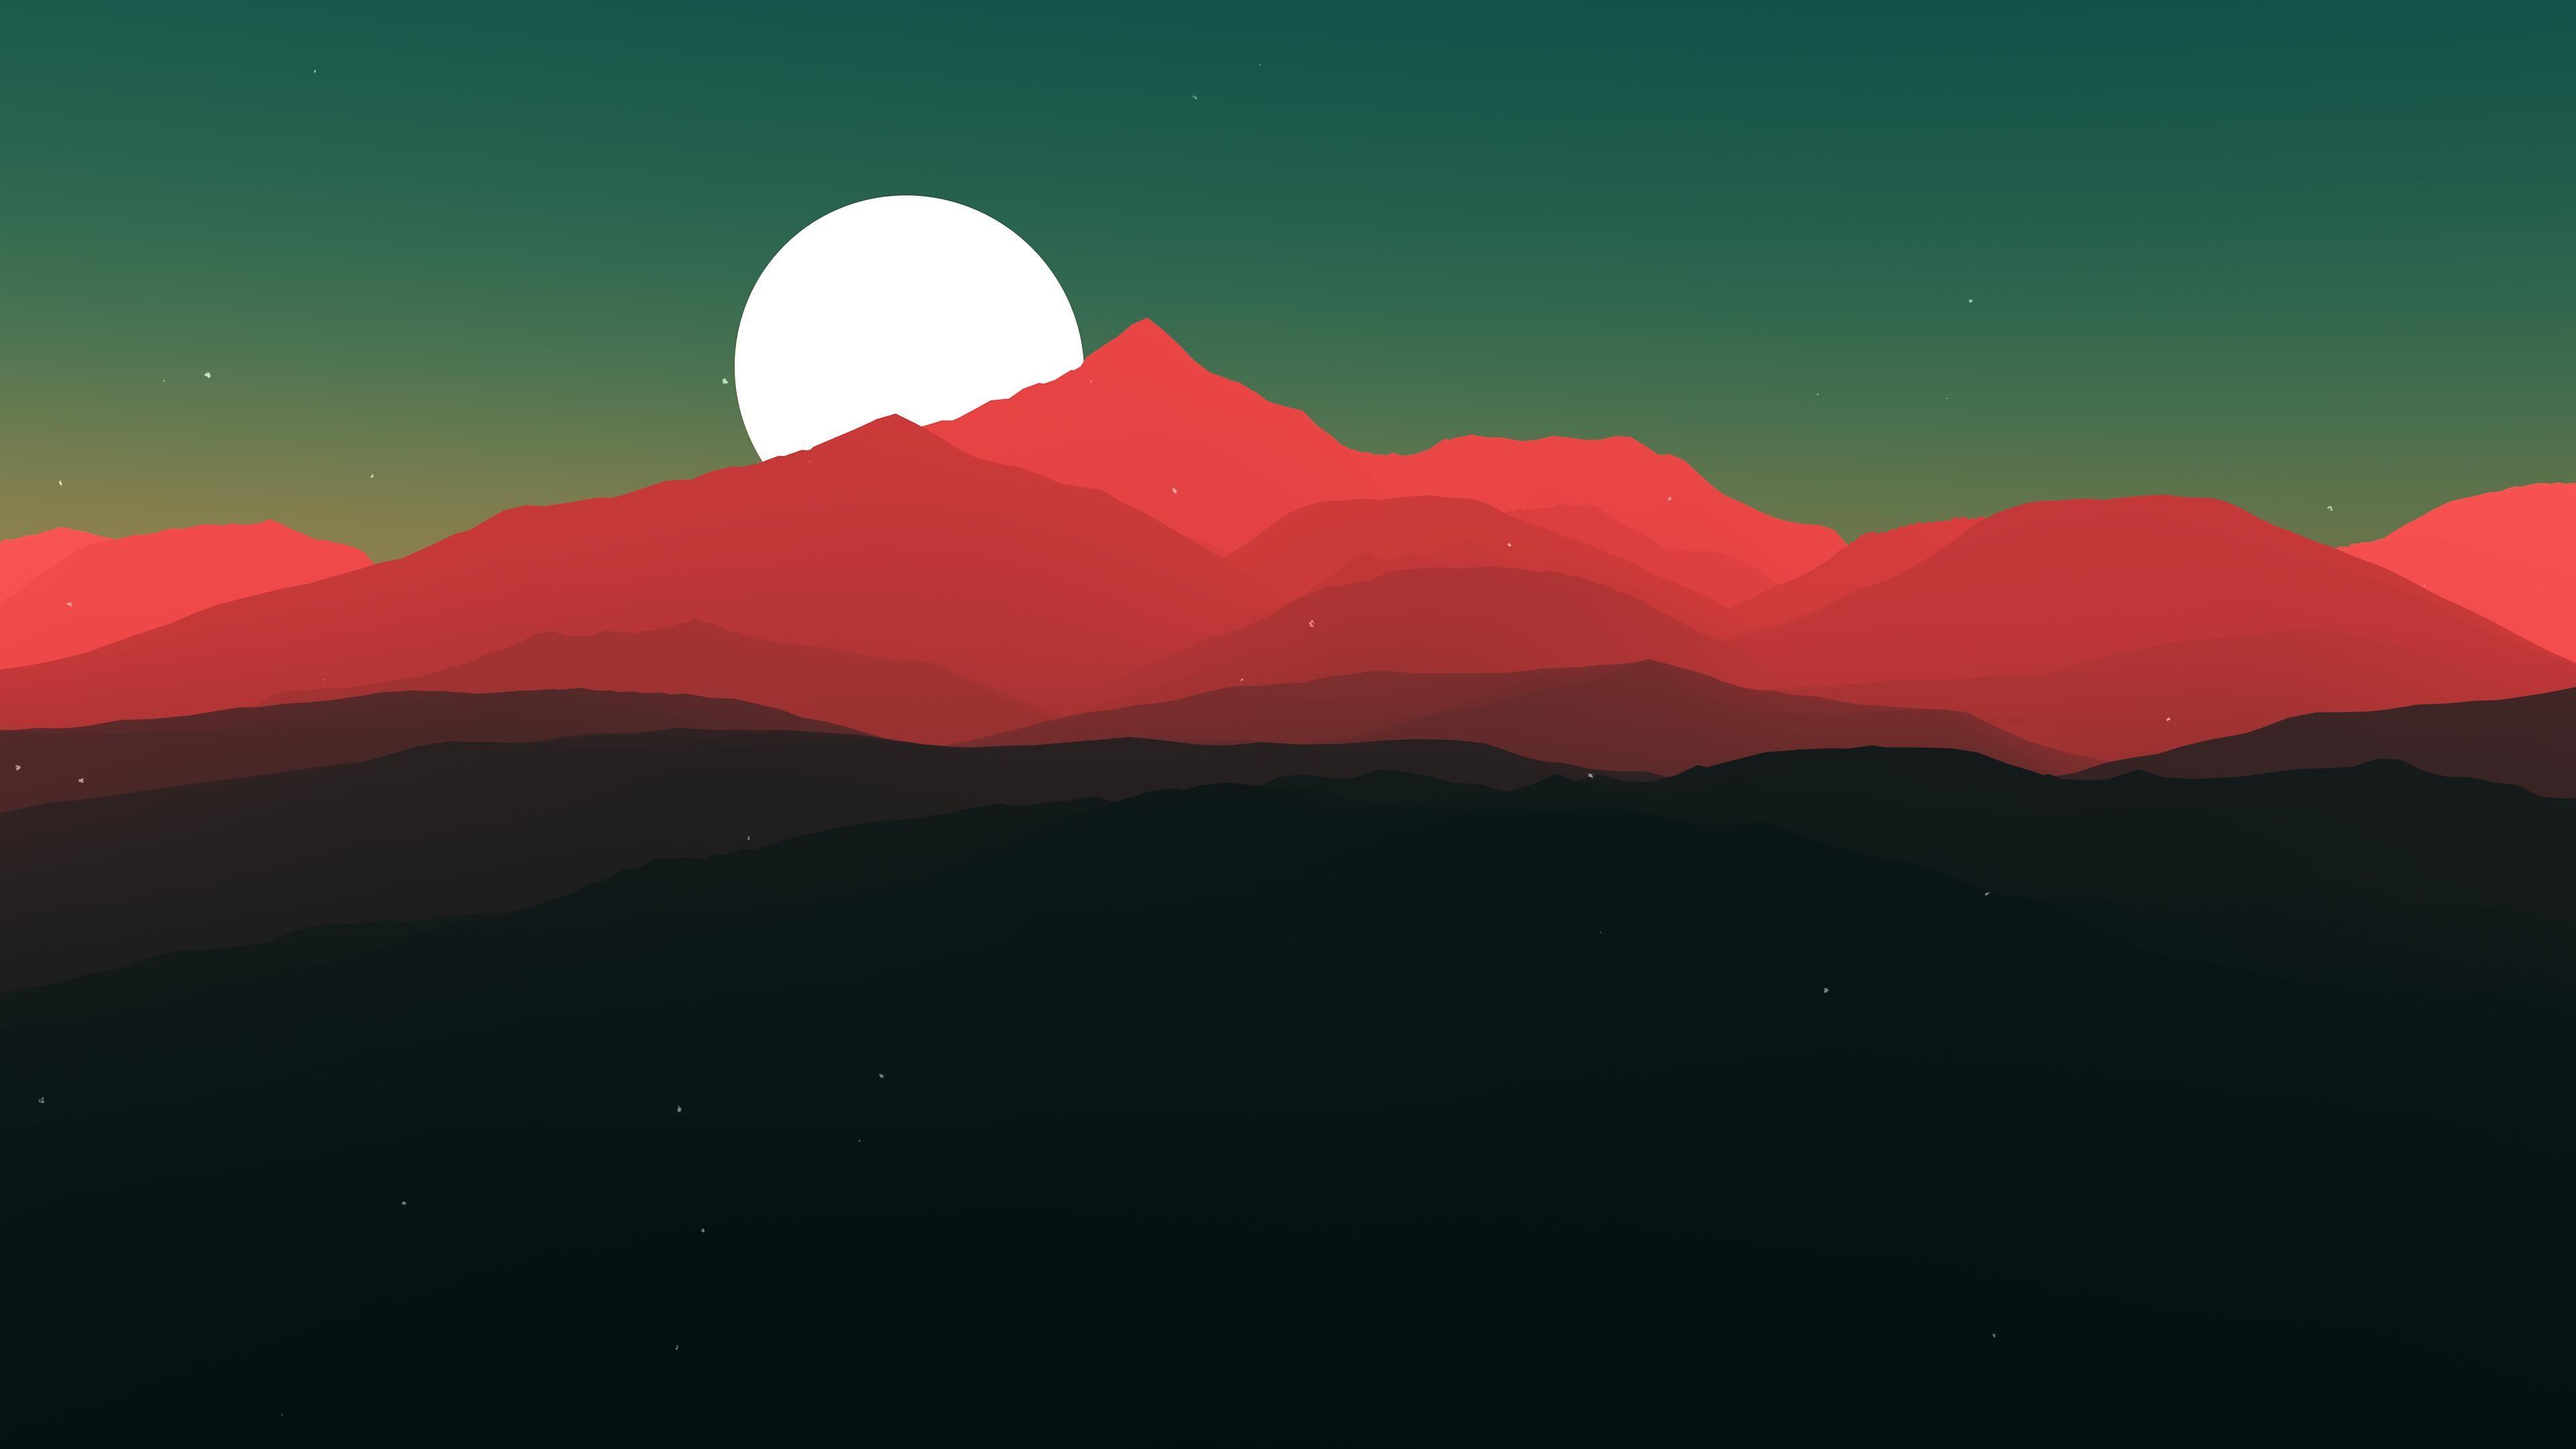 Minimalist Landscape 4k Imgur Minimalist Landscape Landscape Wallpaper Minimalist Wallpaper